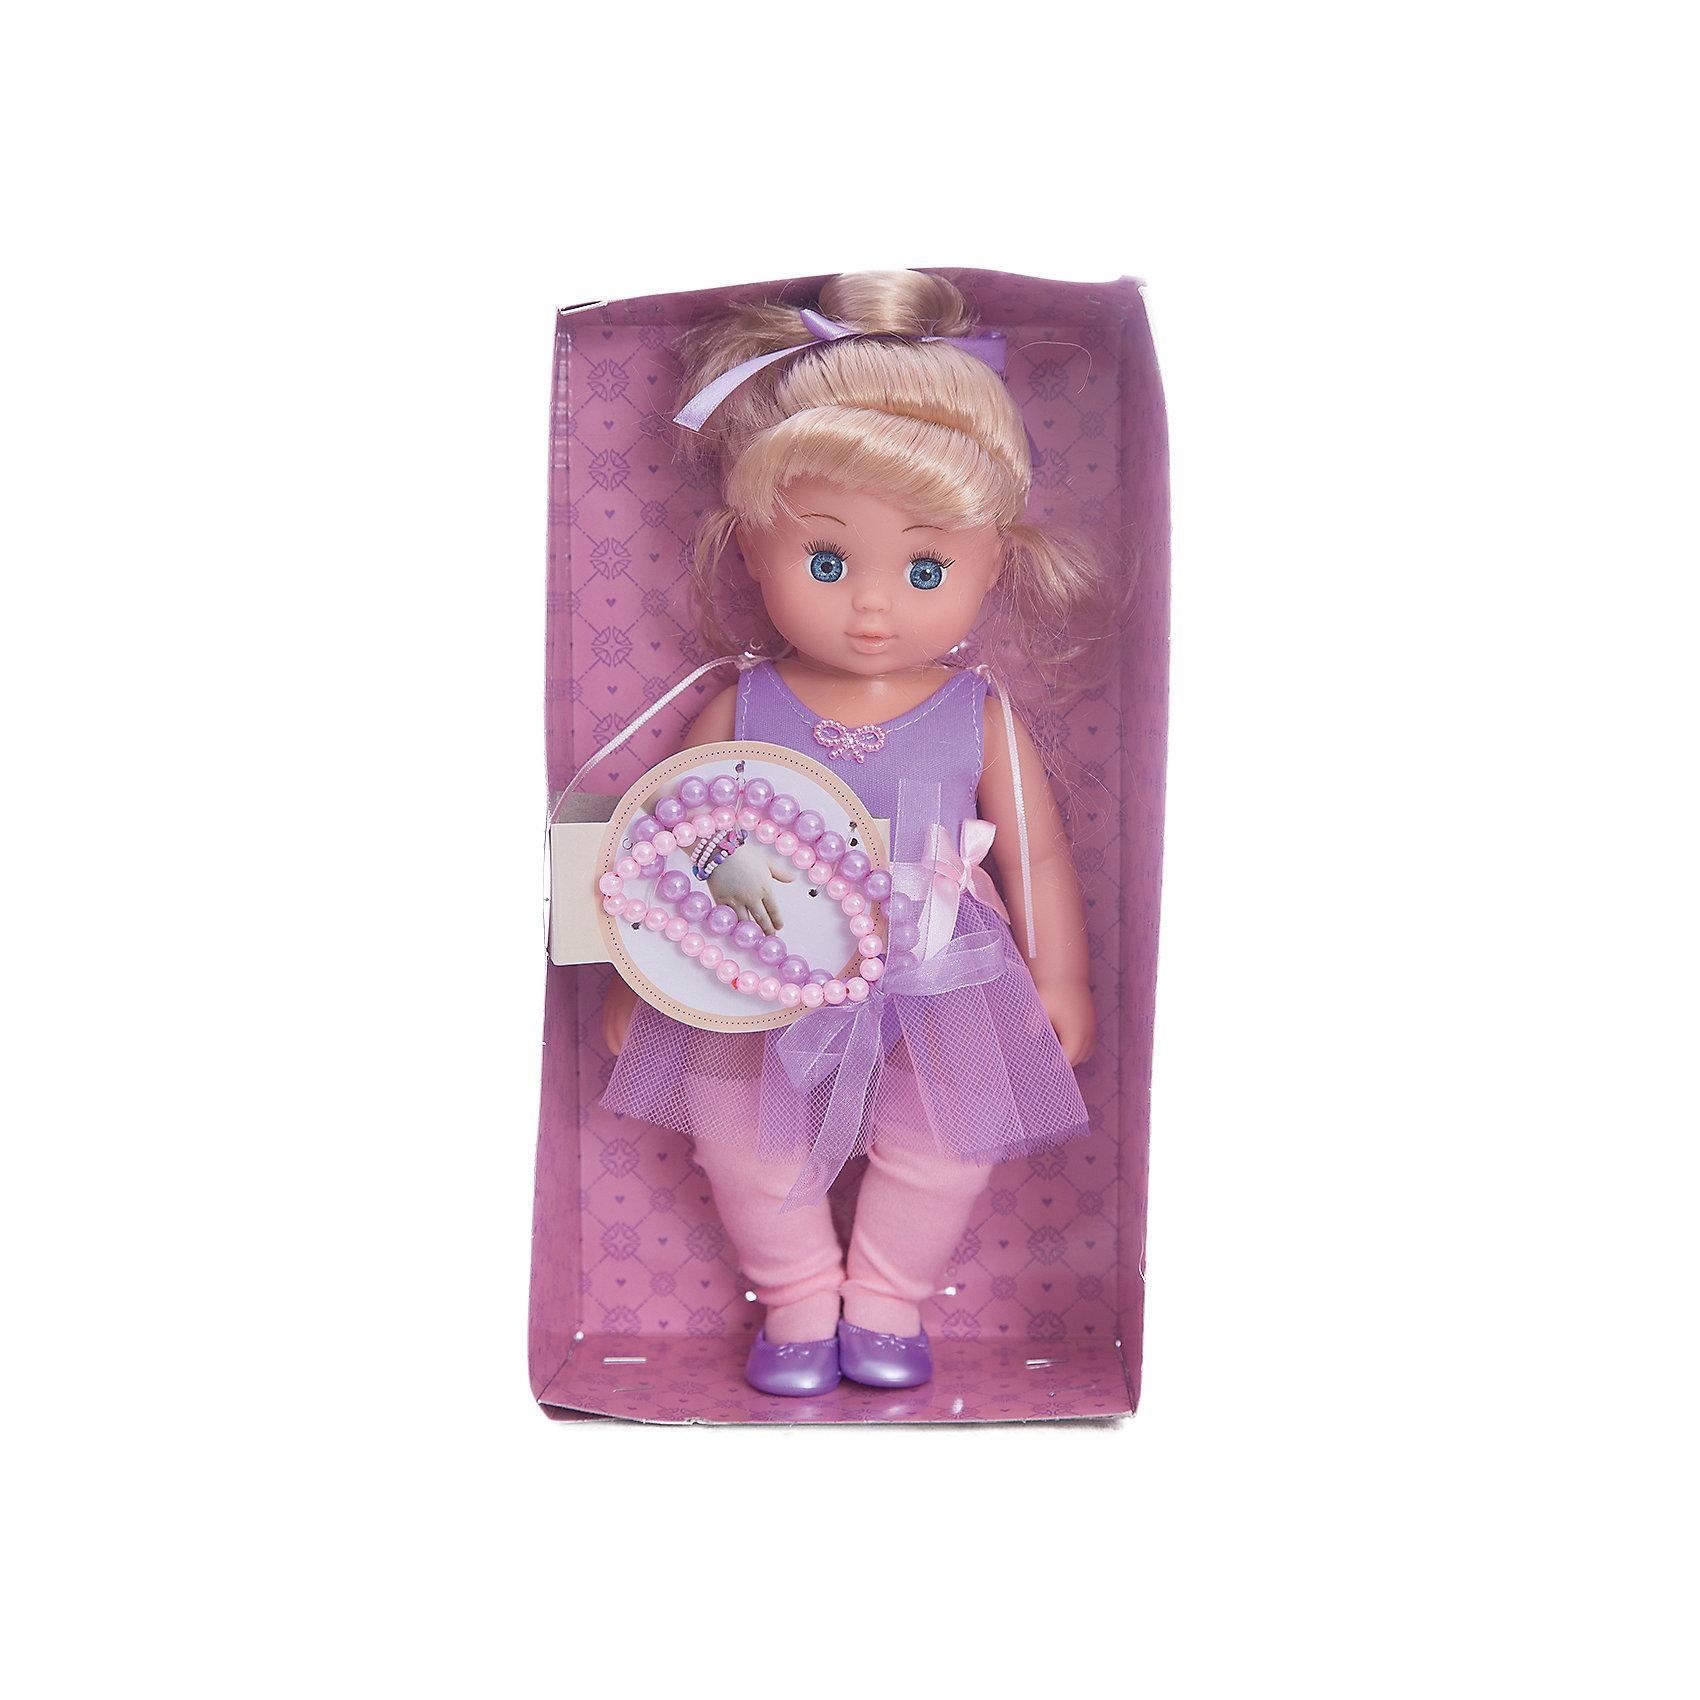 Кукла Диана Маленькая леди, Mary PoppinsКуклы<br>Кукла Диана Маленькая леди, Mary Poppins.<br><br>Характеристики:<br><br>• Комплектация: кукла, 2 браслета<br>• Высота куклы: 9 см.<br>• Материал: ПВХ, пластик, текстиль<br>• Размер упаковки: 16х8х29 см.<br><br>Кукла Диана из серии Маленькая леди от фирмы Mary Poppins очарует маленьких девочек. У куклы светло-голубые глазки, красивая прическа и умилительное выражение лица. Она одета в элегантное фиолетовое платье. Диана выглядит как настоящая леди. Вместе с ней в комплект входит 2 браслета из бусинок, которые юная обладательница куклы может носить на руке. Глазки у куклы не закрываются. Кукла изготовлена из пластика и ПВХ.<br><br>Куклу Диана Маленькая леди, Mary Poppins можно купить в нашем интернет-магазине.<br><br>Ширина мм: 160<br>Глубина мм: 85<br>Высота мм: 300<br>Вес г: 365<br>Возраст от месяцев: 24<br>Возраст до месяцев: 2147483647<br>Пол: Женский<br>Возраст: Детский<br>SKU: 5402751